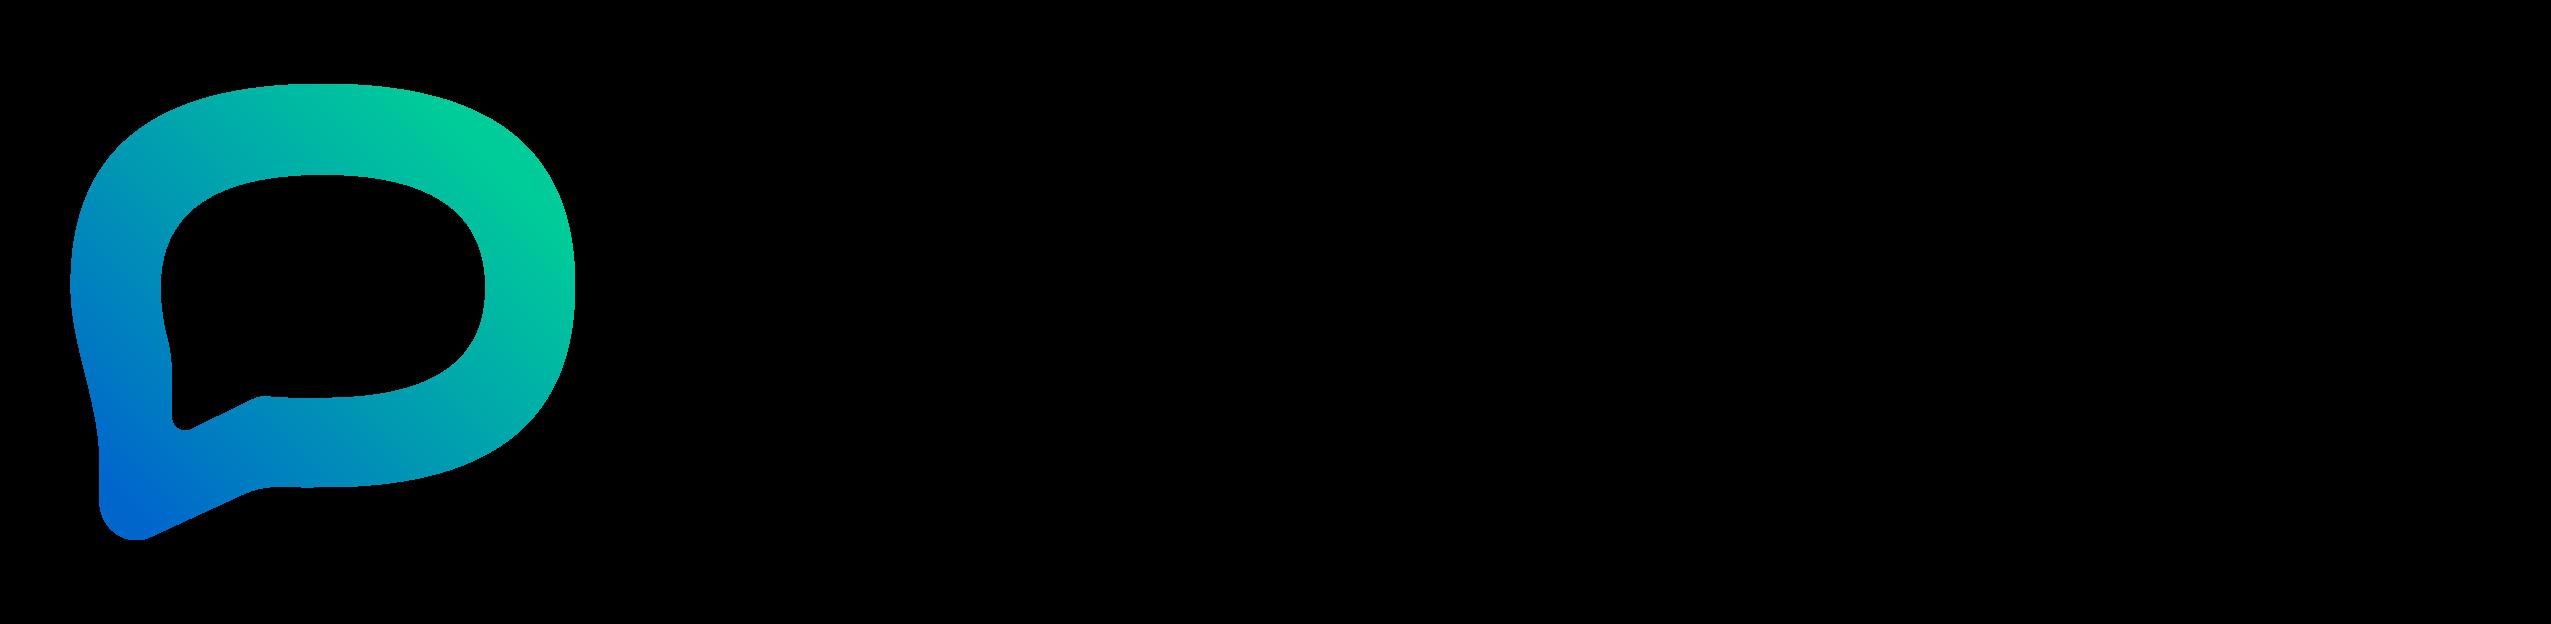 営業支援ツール『プロポクラウド』を伊藤忠ハウジング(株)が導入